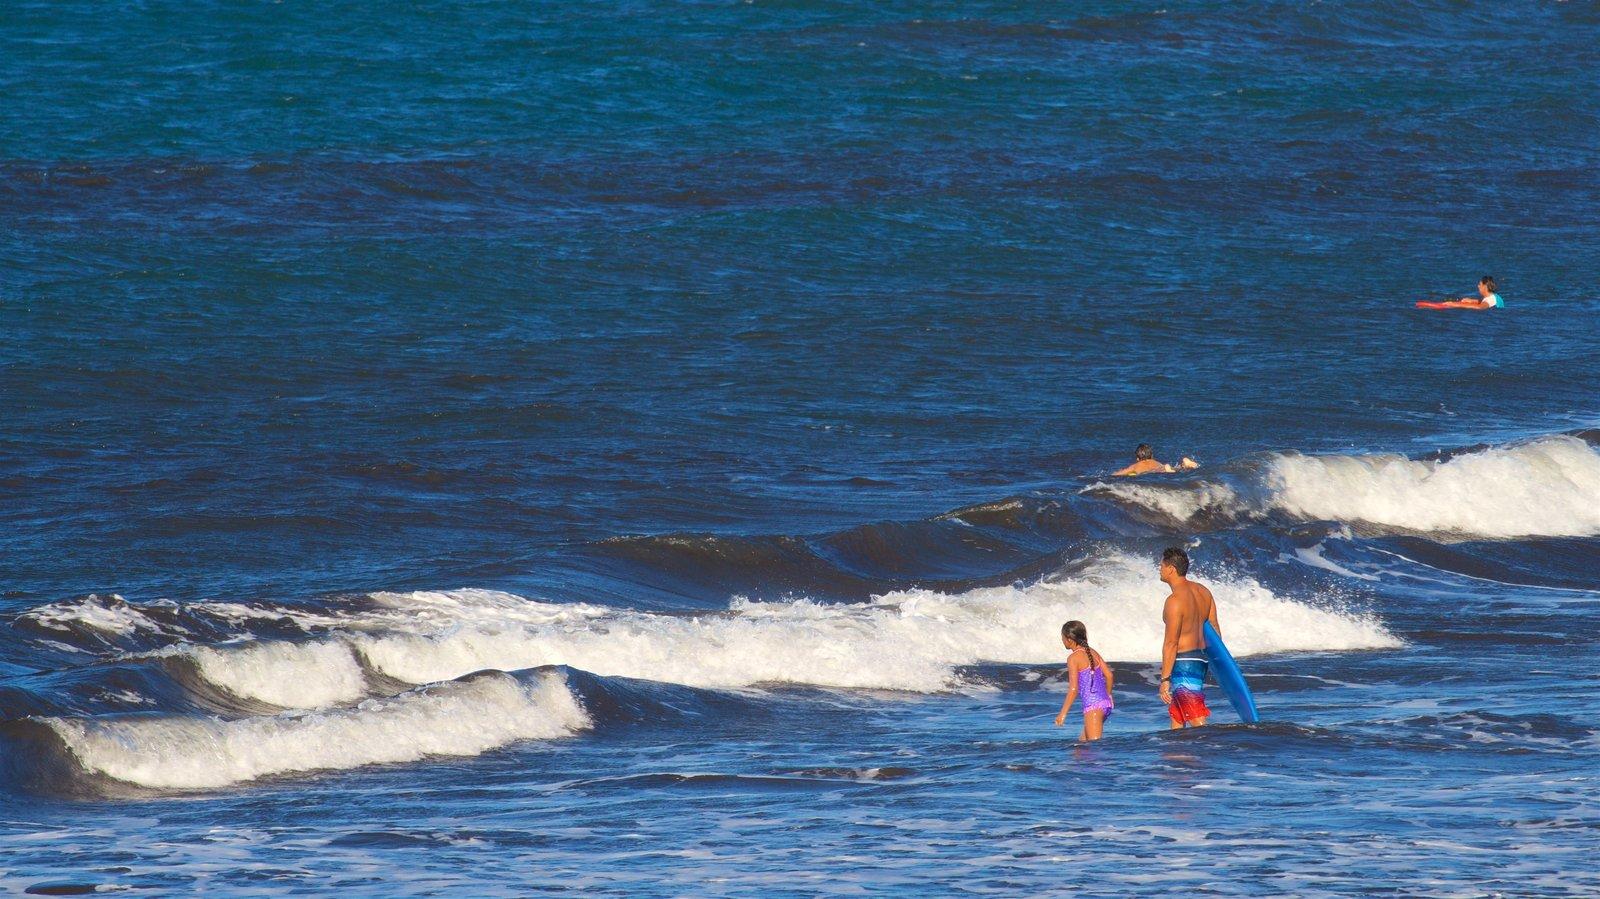 Tahiti featuring swimming, surf and general coastal views